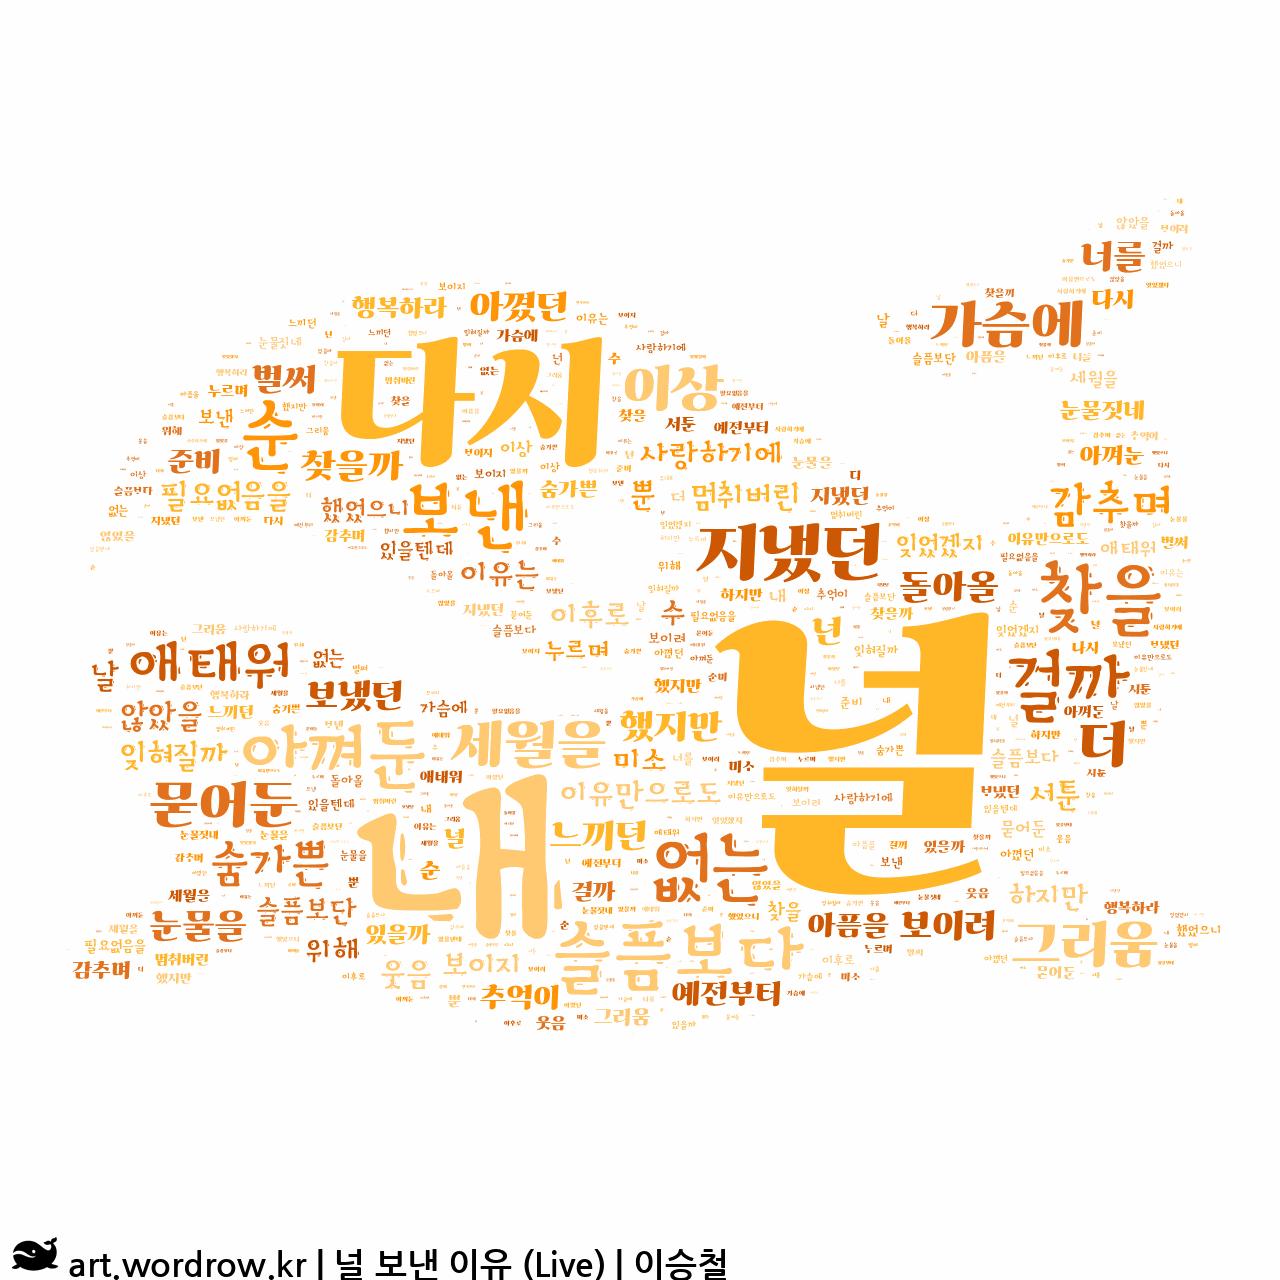 워드 아트: 널 보낸 이유 (Live) [이승철]-58